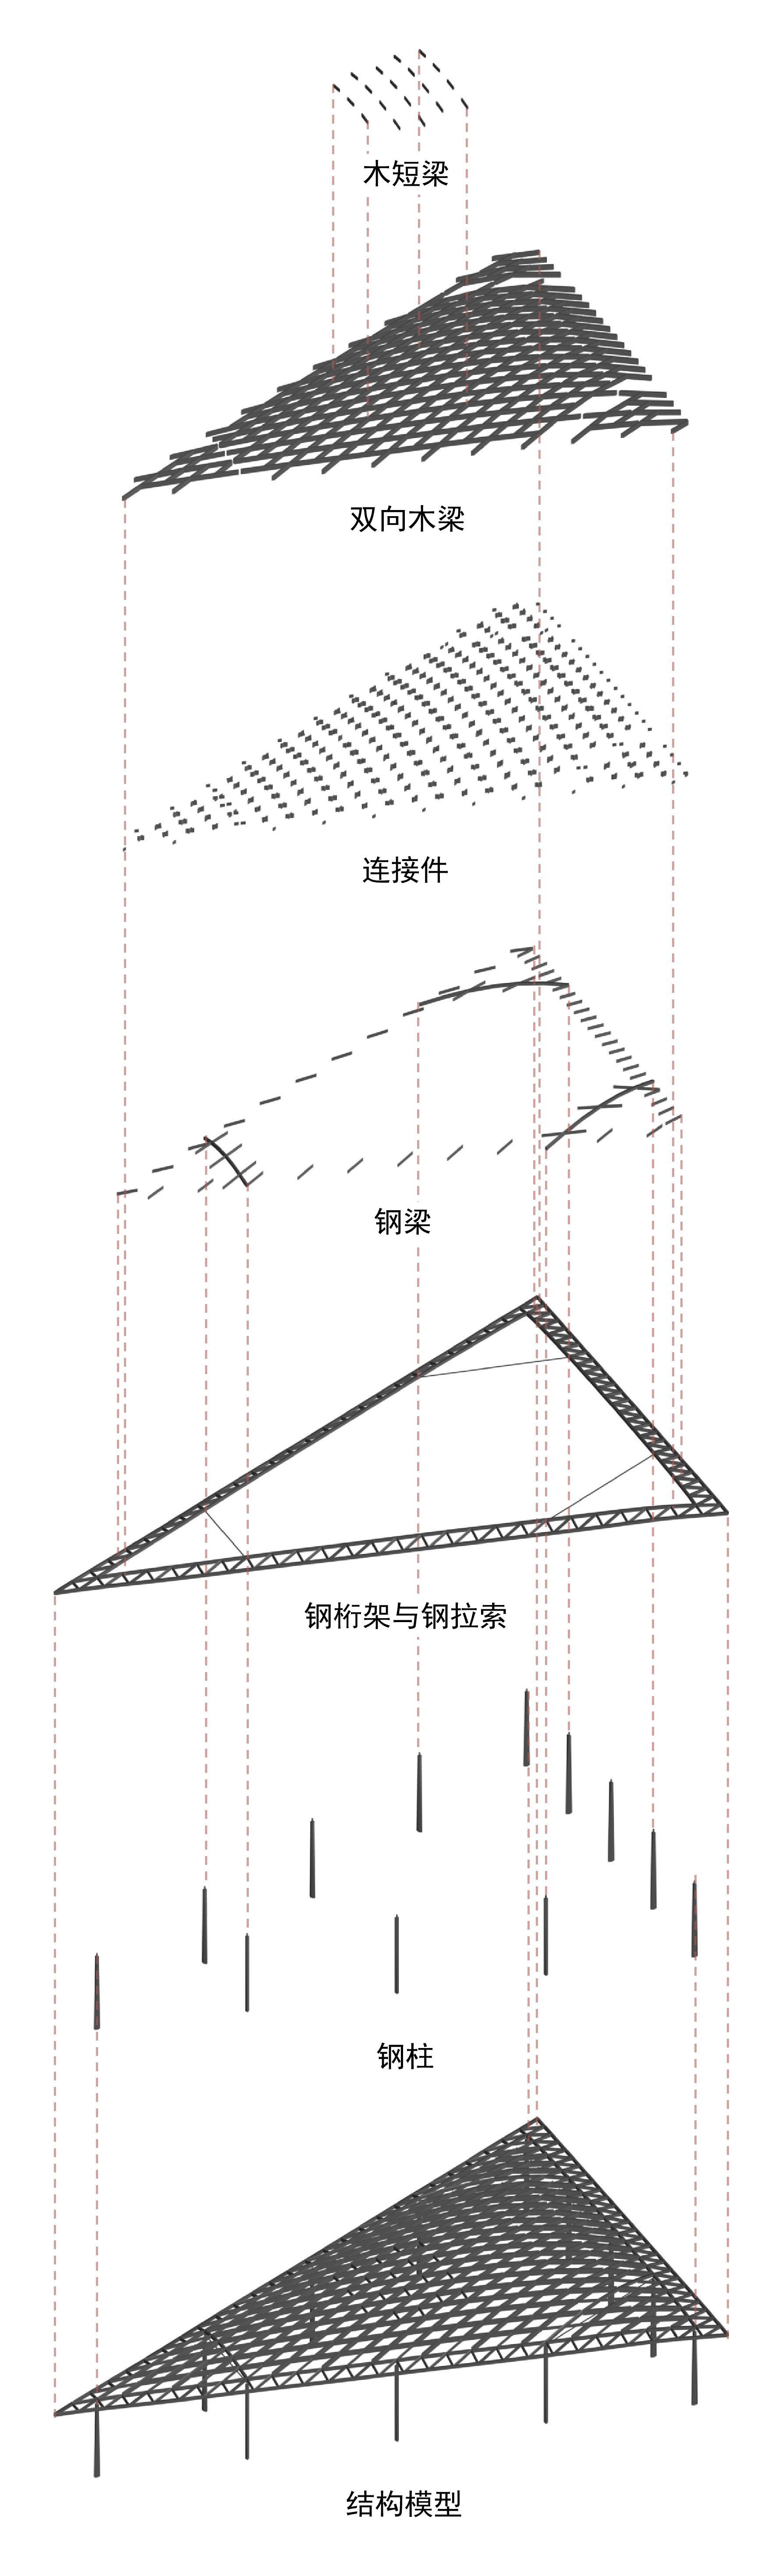 Diagram Jinxi Jin}